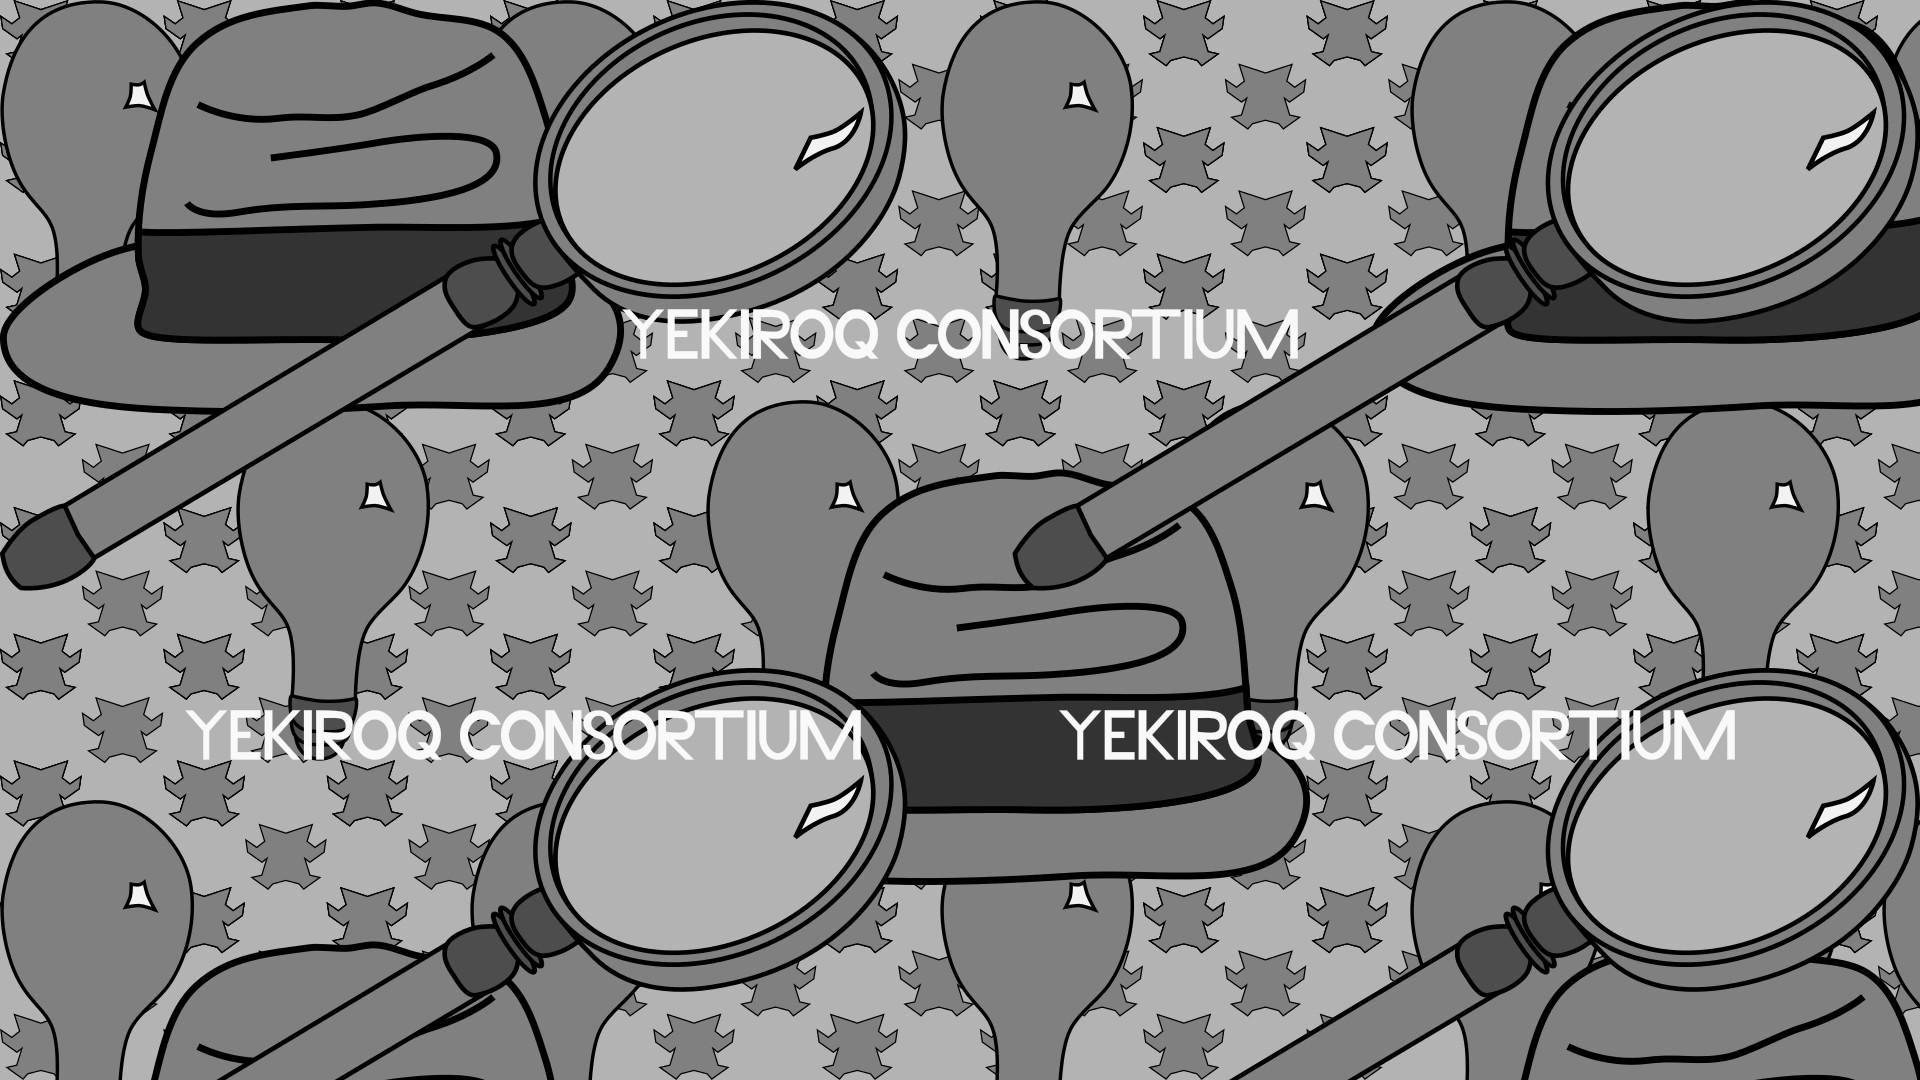 Yekiroq Consortium Film Noir Wallpaper by YekiroqConsortium Yekiroq  Consortium Film Noir Wallpaper by YekiroqConsortium